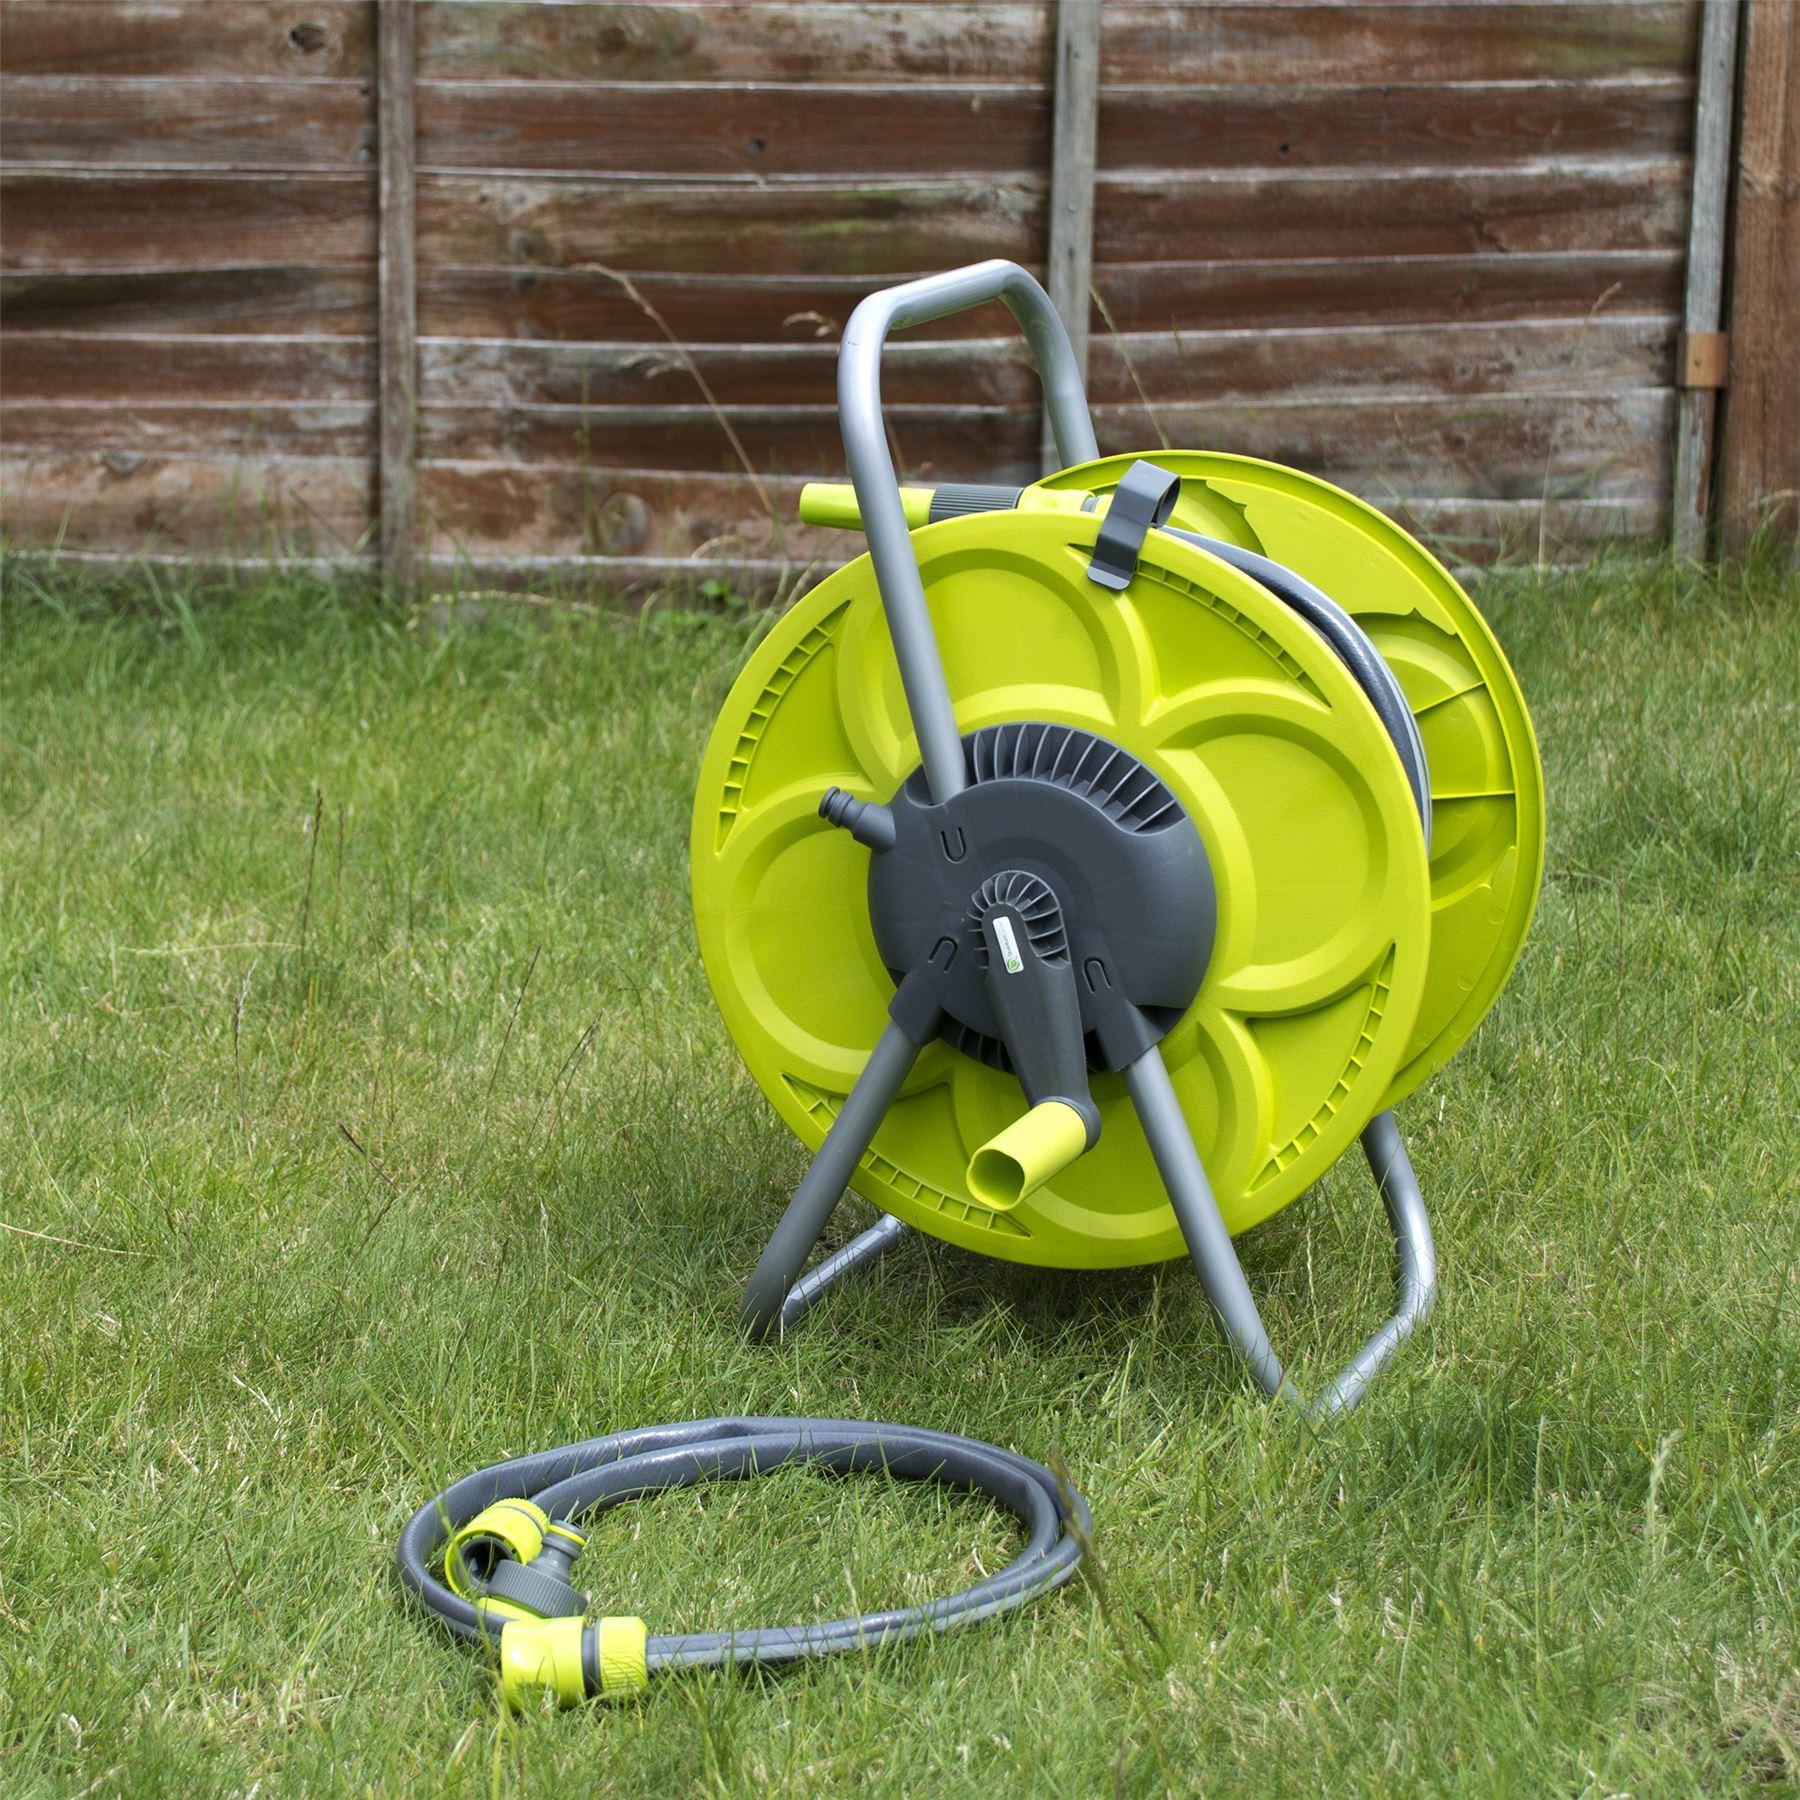 Lot de 30M tuyau /& bobine jardin arrosage tuyau debout winder tube troley panier